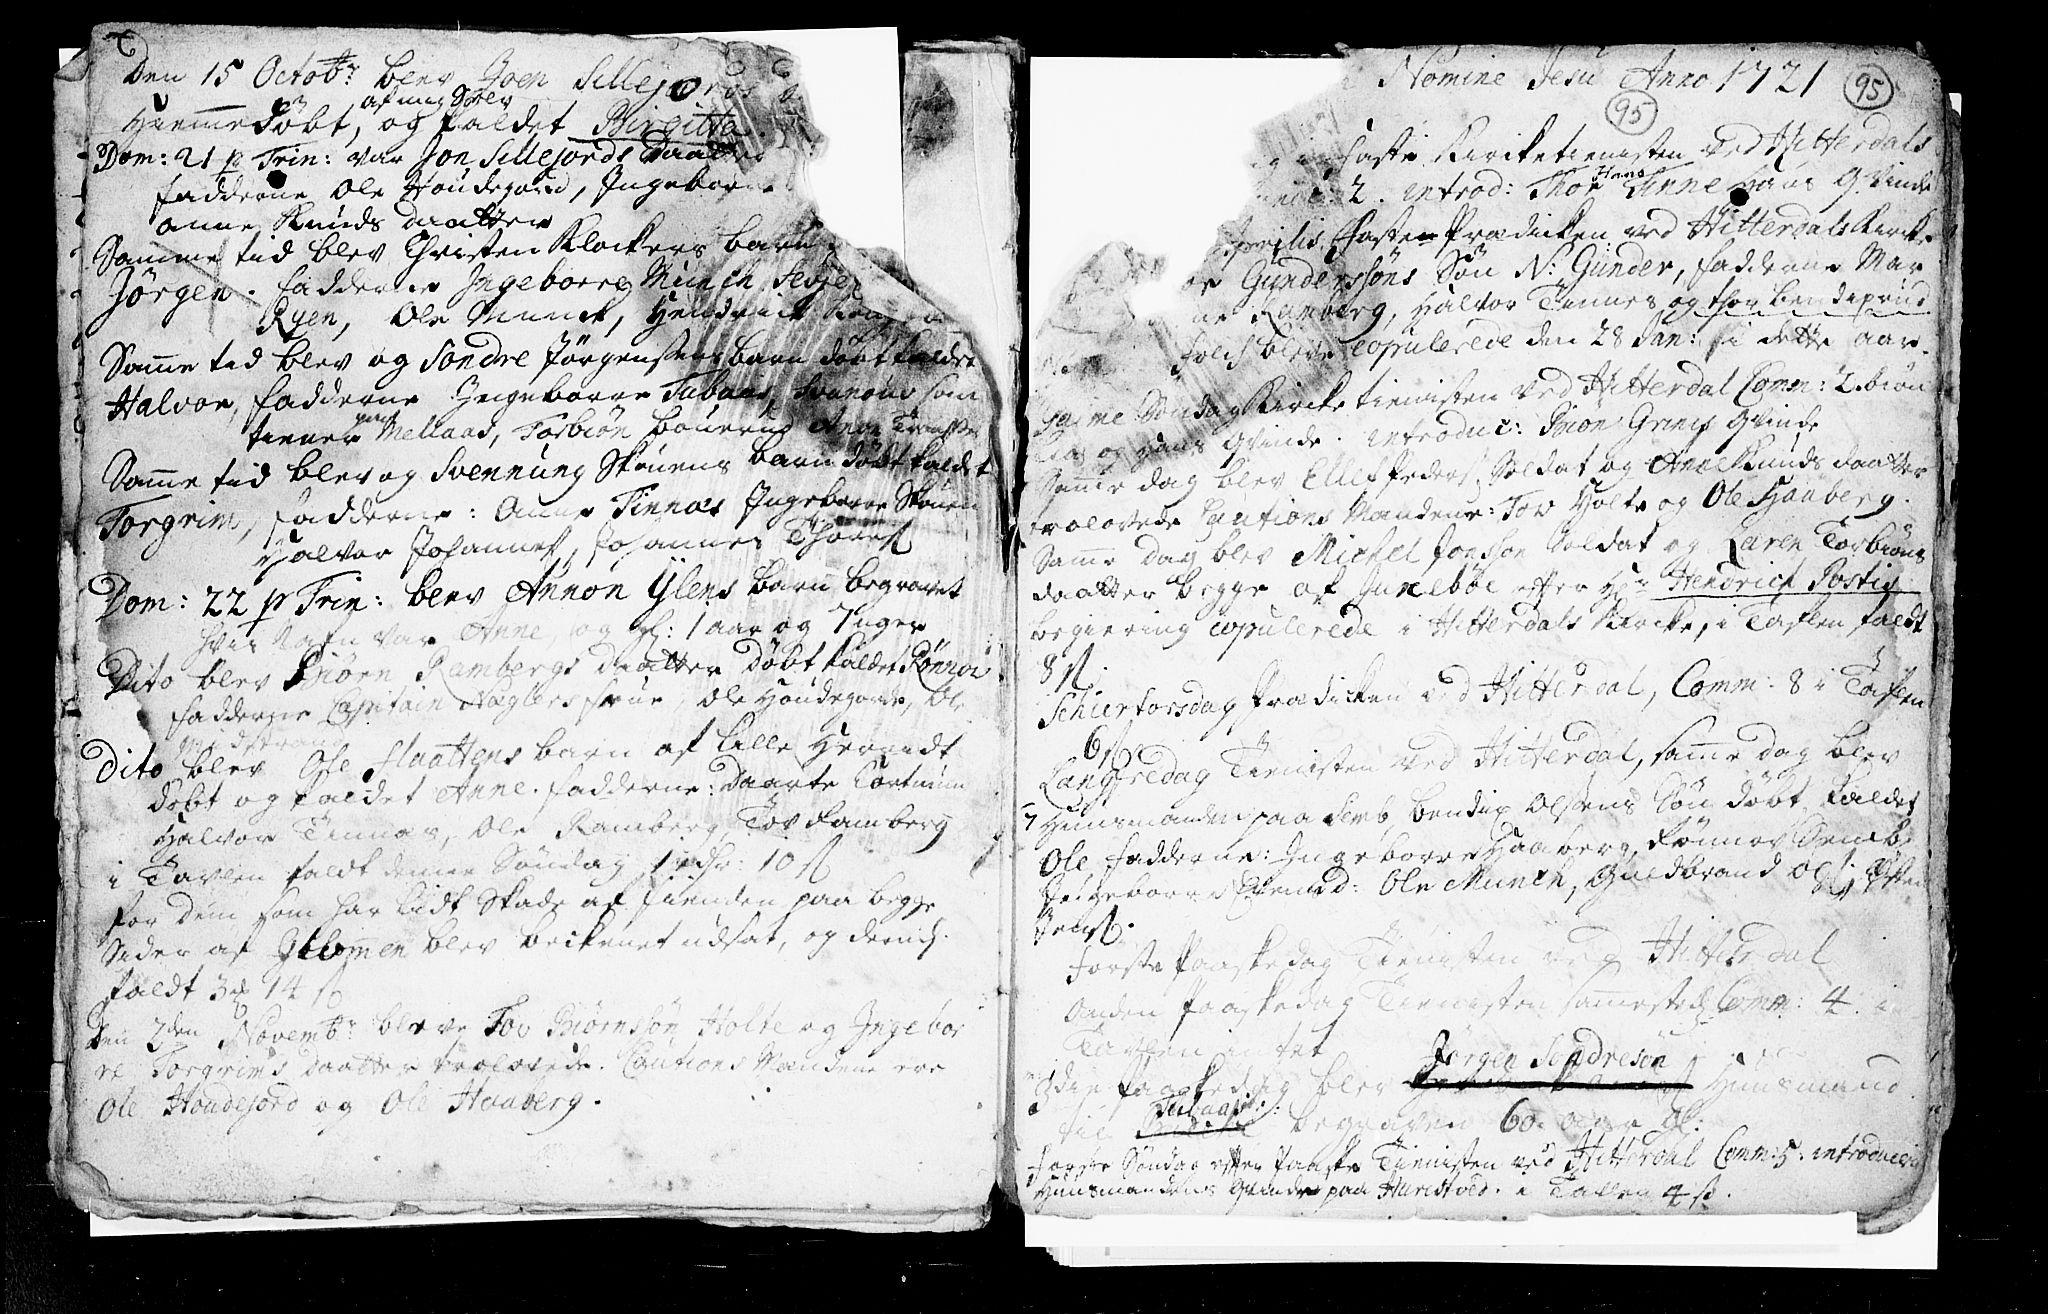 SAKO, Heddal kirkebøker, F/Fa/L0002: Ministerialbok nr. I 2, 1699-1722, s. 95